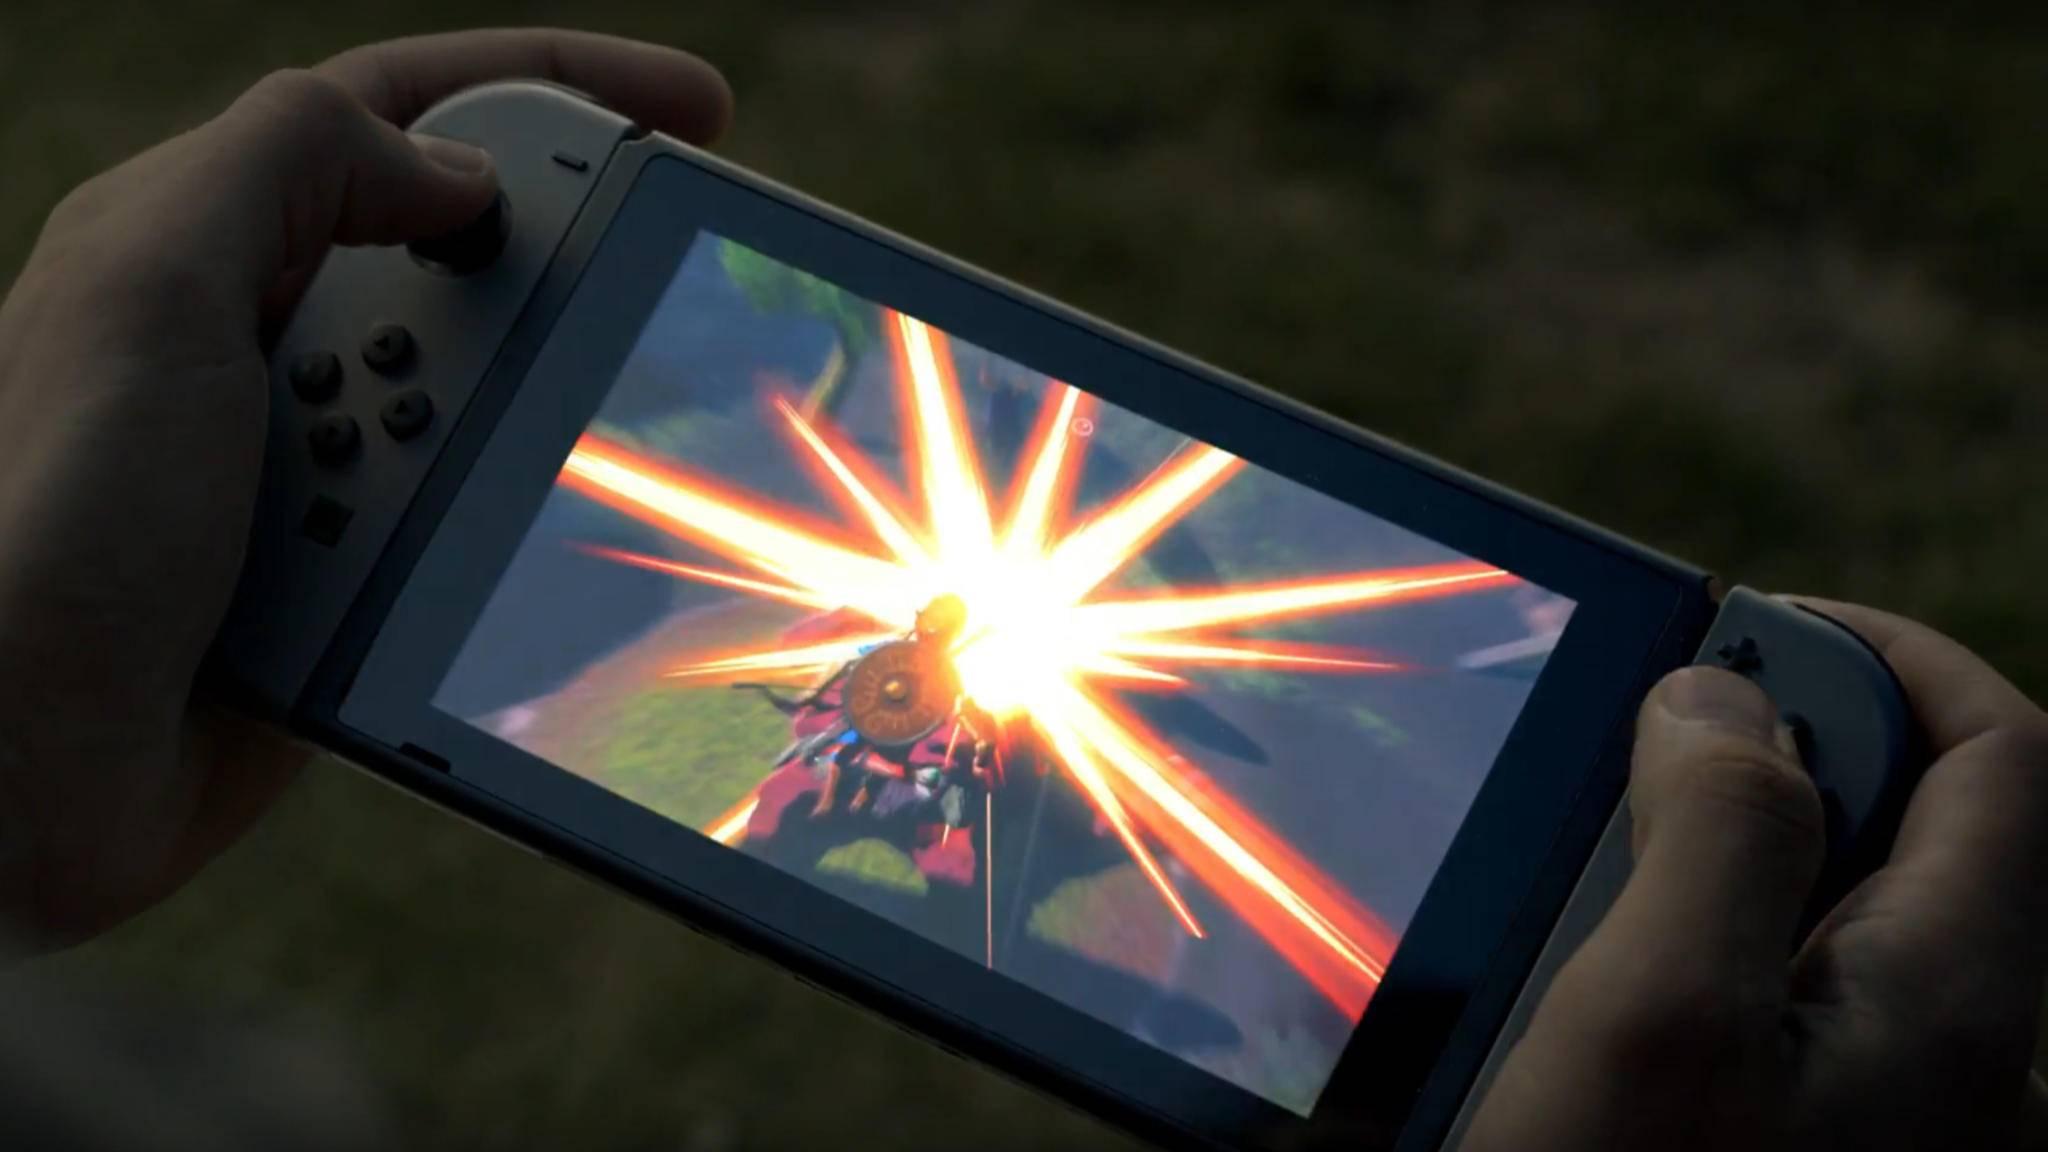 Glaubt man den Vermutungen von Analysten, wird sich Nintendo bei einer neuen Version der Nintendo Switch auf den Handheld-Aspekt konzentrieren.